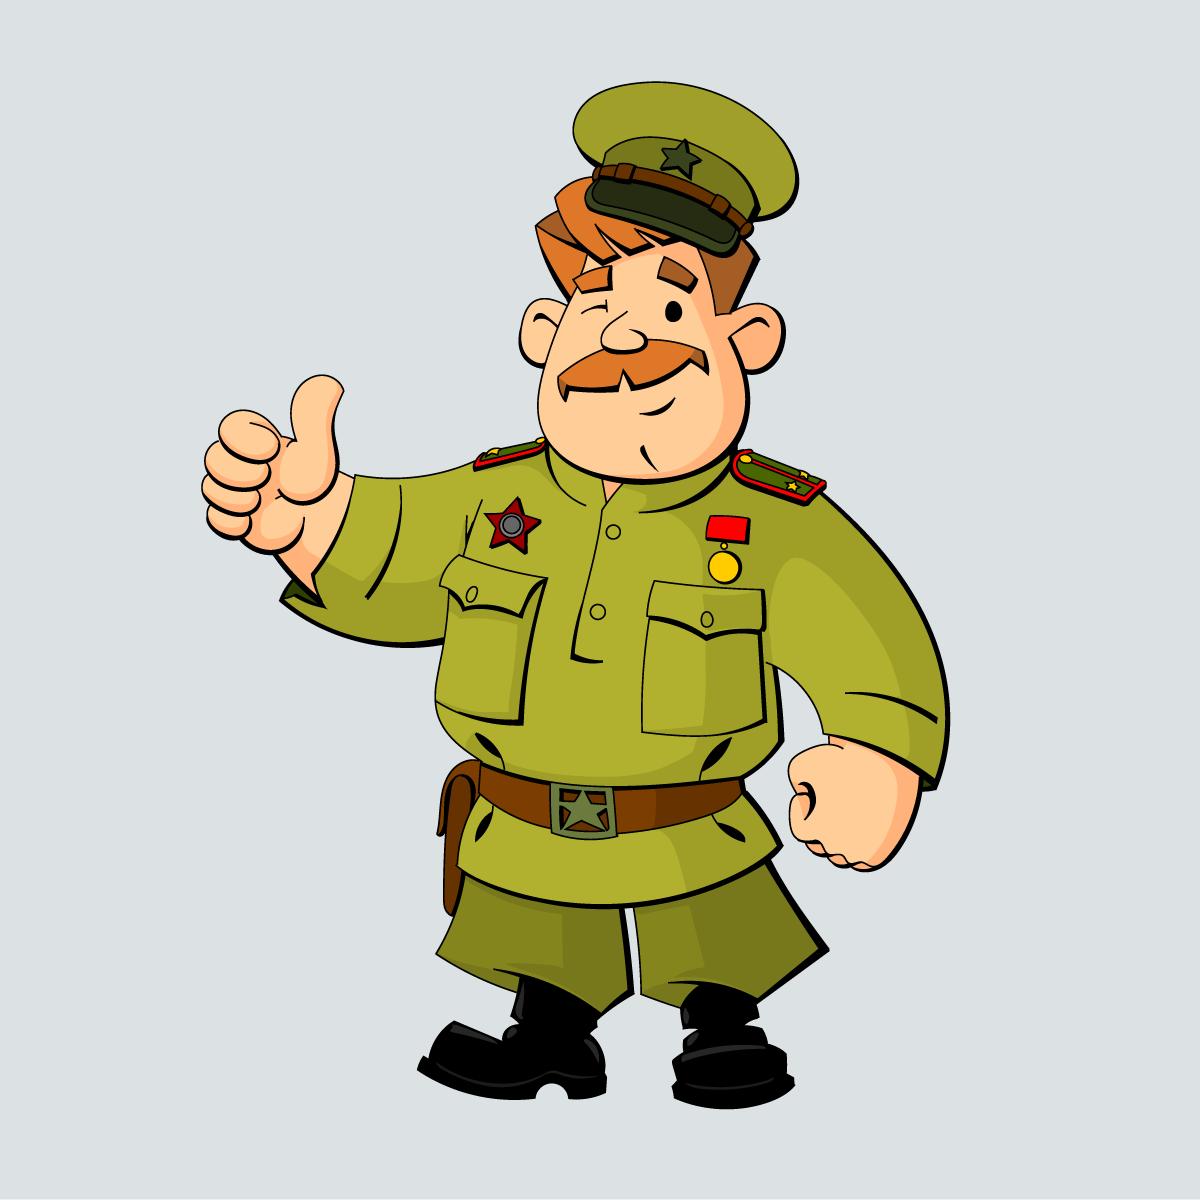 Анекдот про командира, сумевшего поднять боевой дух солдата